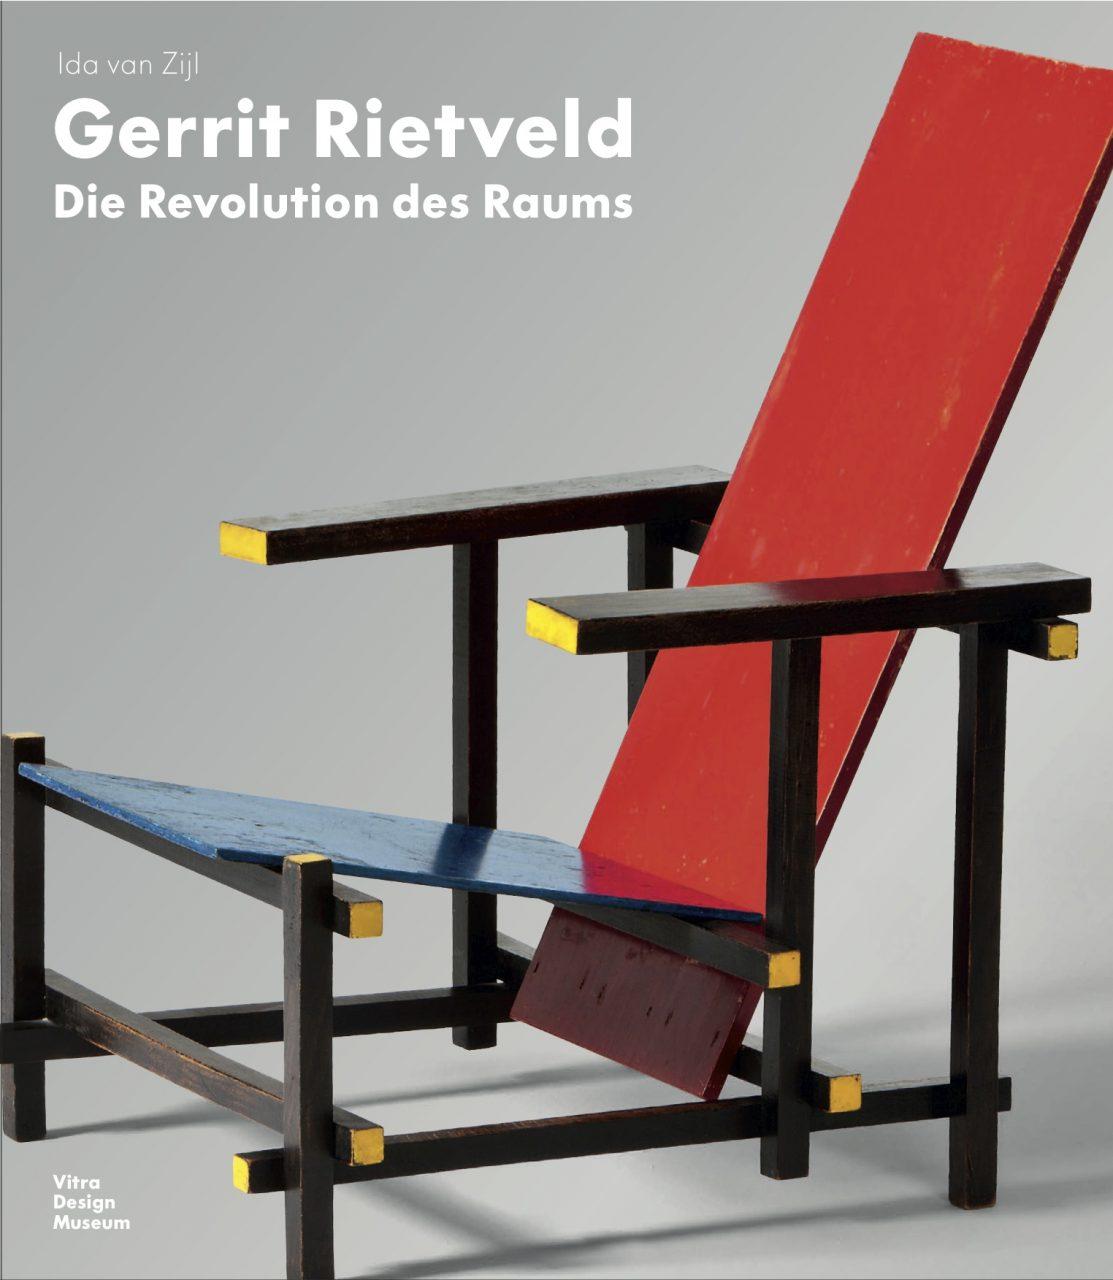 Gerrit Rietveld – Die Revolution des Raums.  Rot-Blauer Stuhl, Entwurf Gerrit Rietveld, 1918.